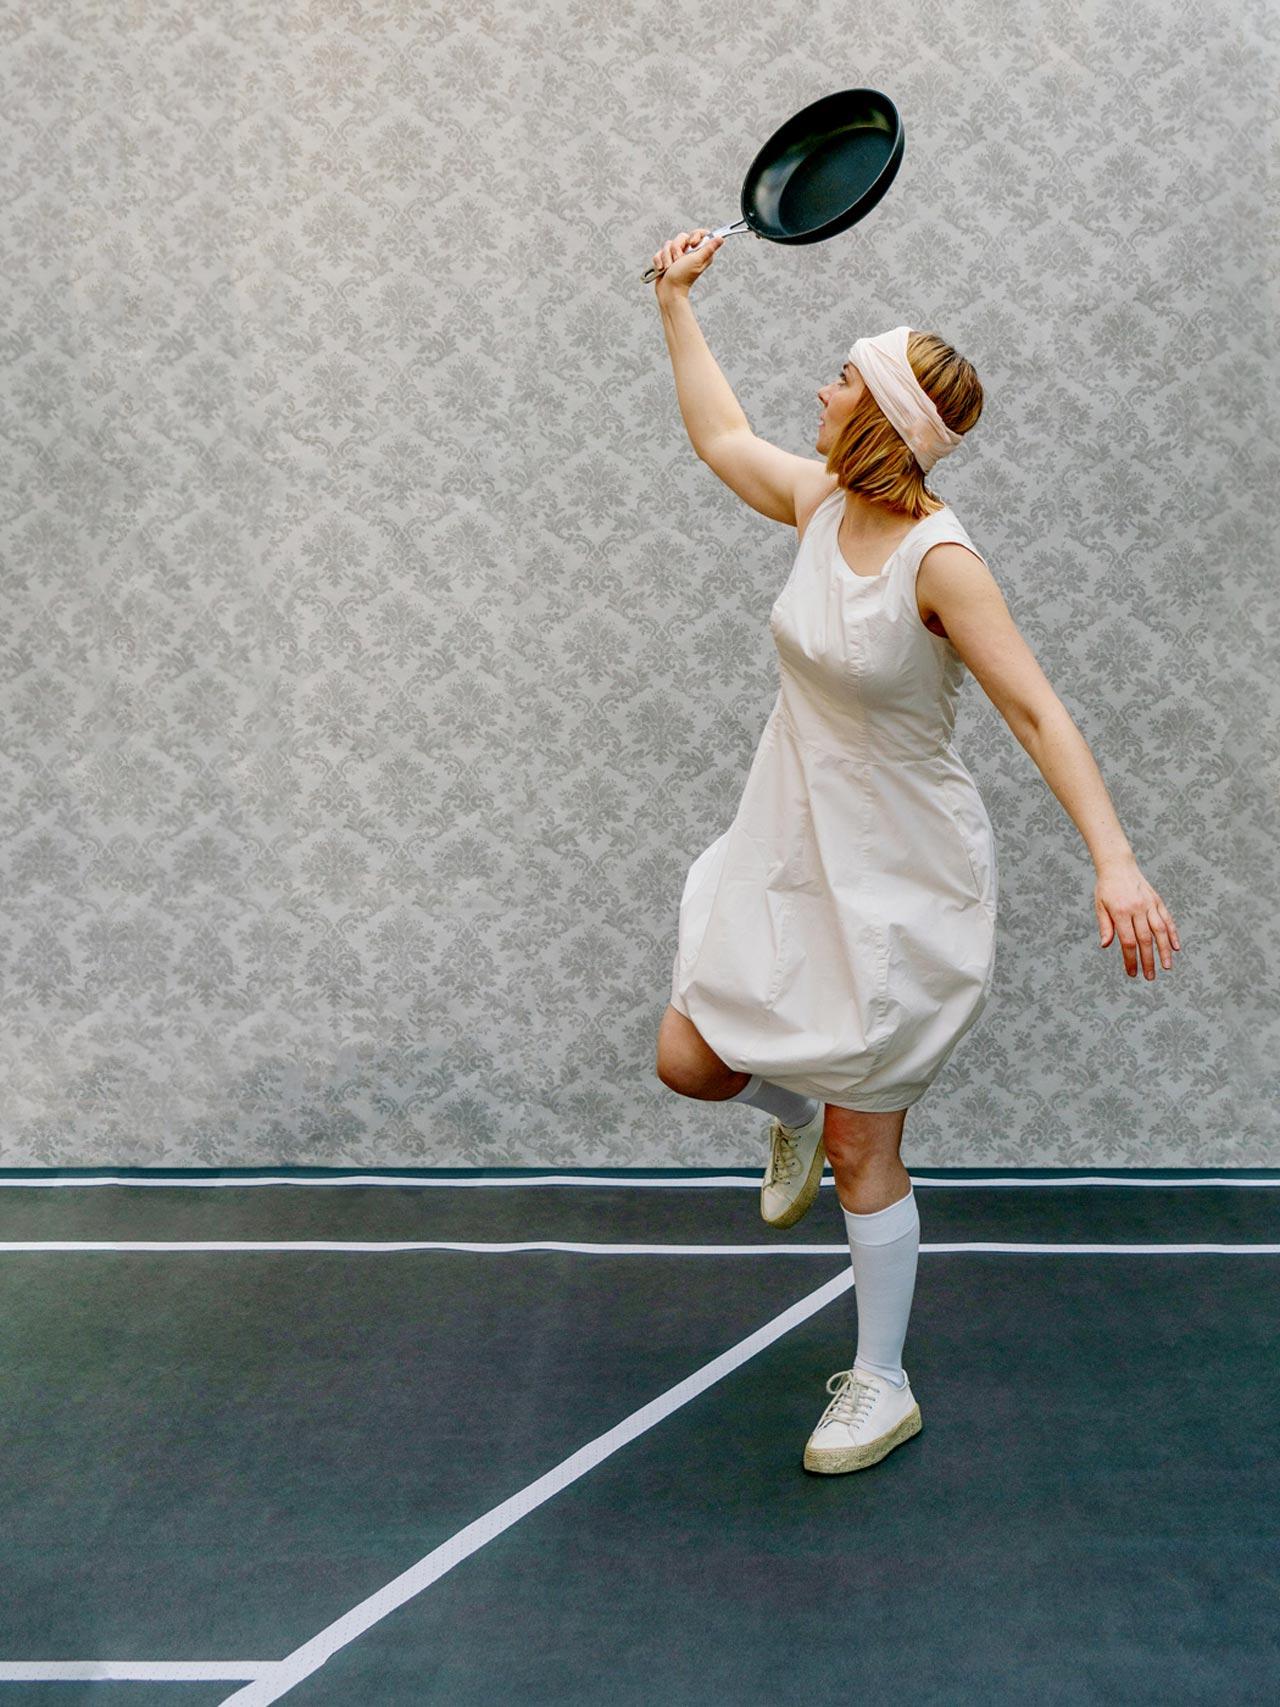 Proszę Państwa. Kolejne kroki w walce z koronawirusem. <br> Zamykamy wszystkie kluby sportowe w tym korty tenisowe ... <br> Czy aby na pewno wszystkie?